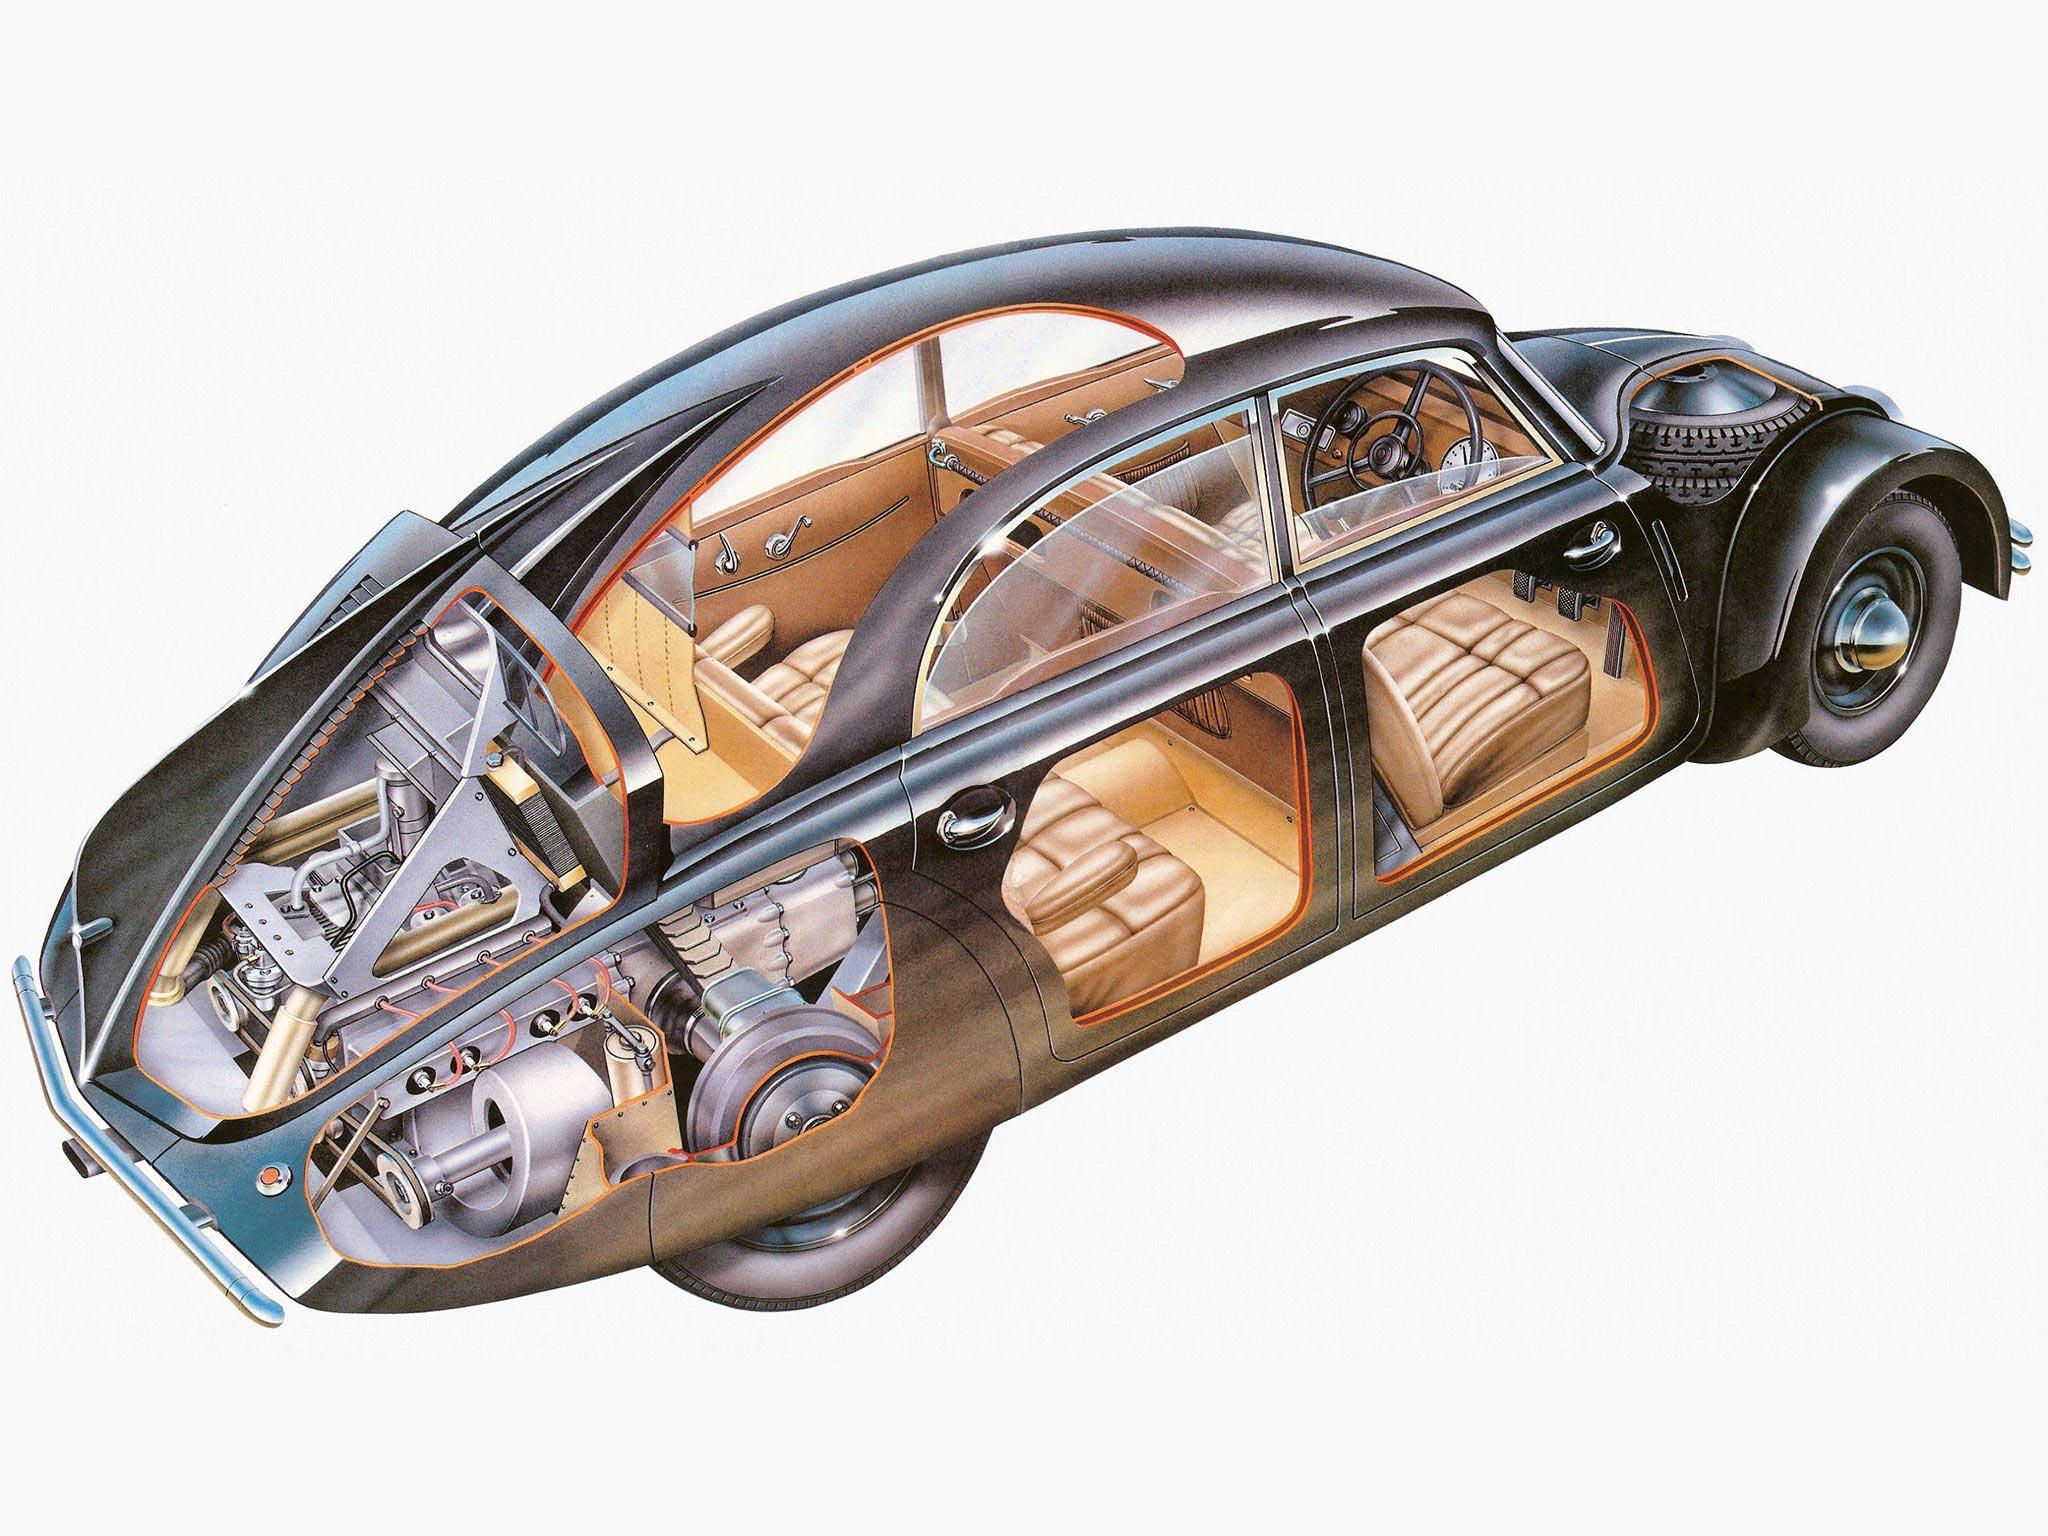 Tatra 77 cutaway